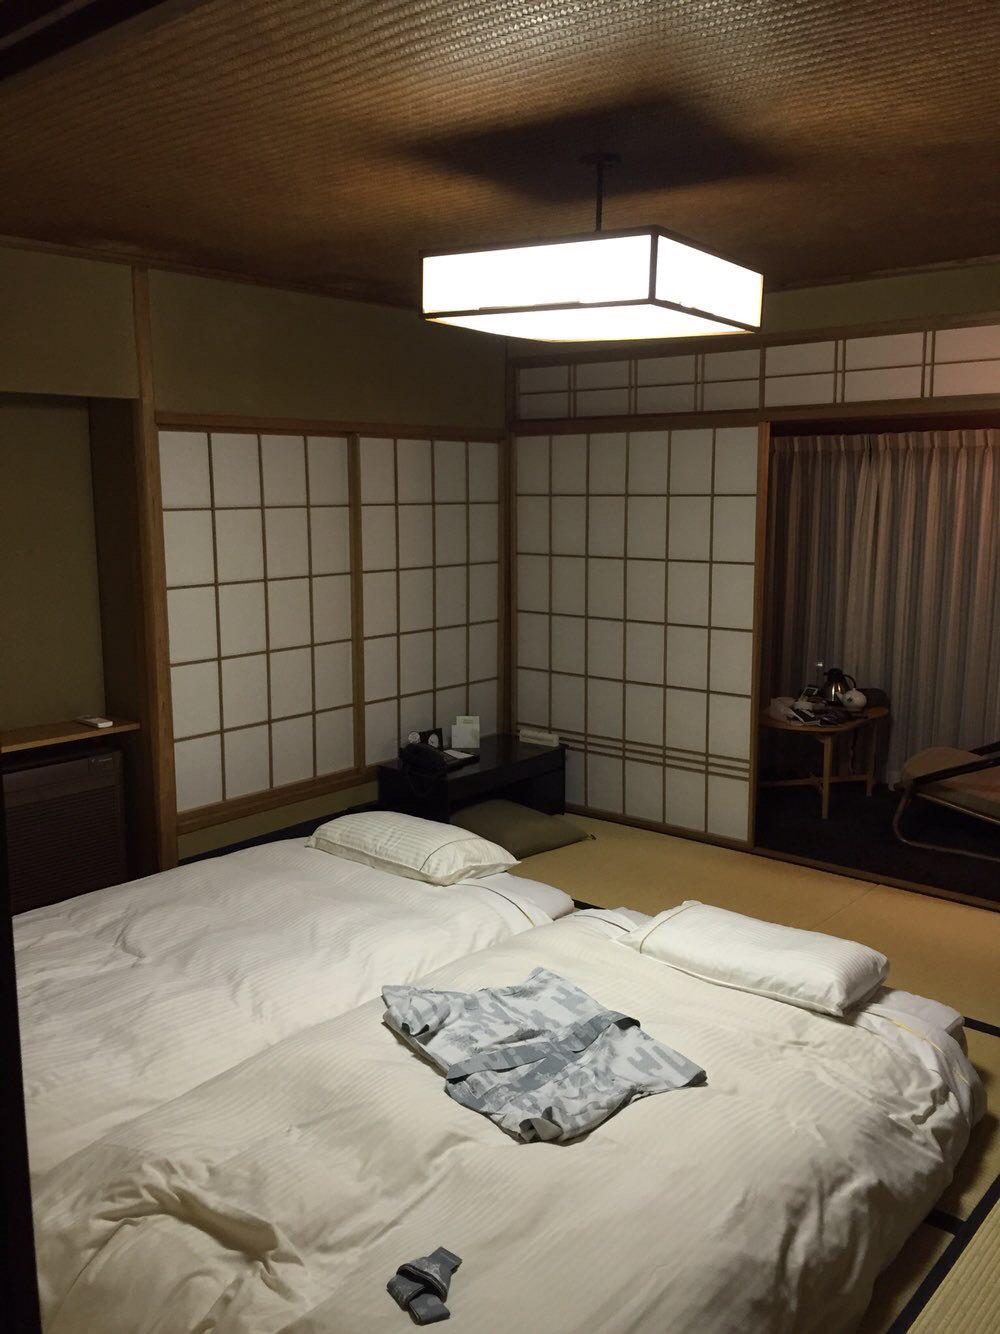 背景墙 房间 家居 起居室 设计 卧室 卧室装修 现代 装修 1000_1334